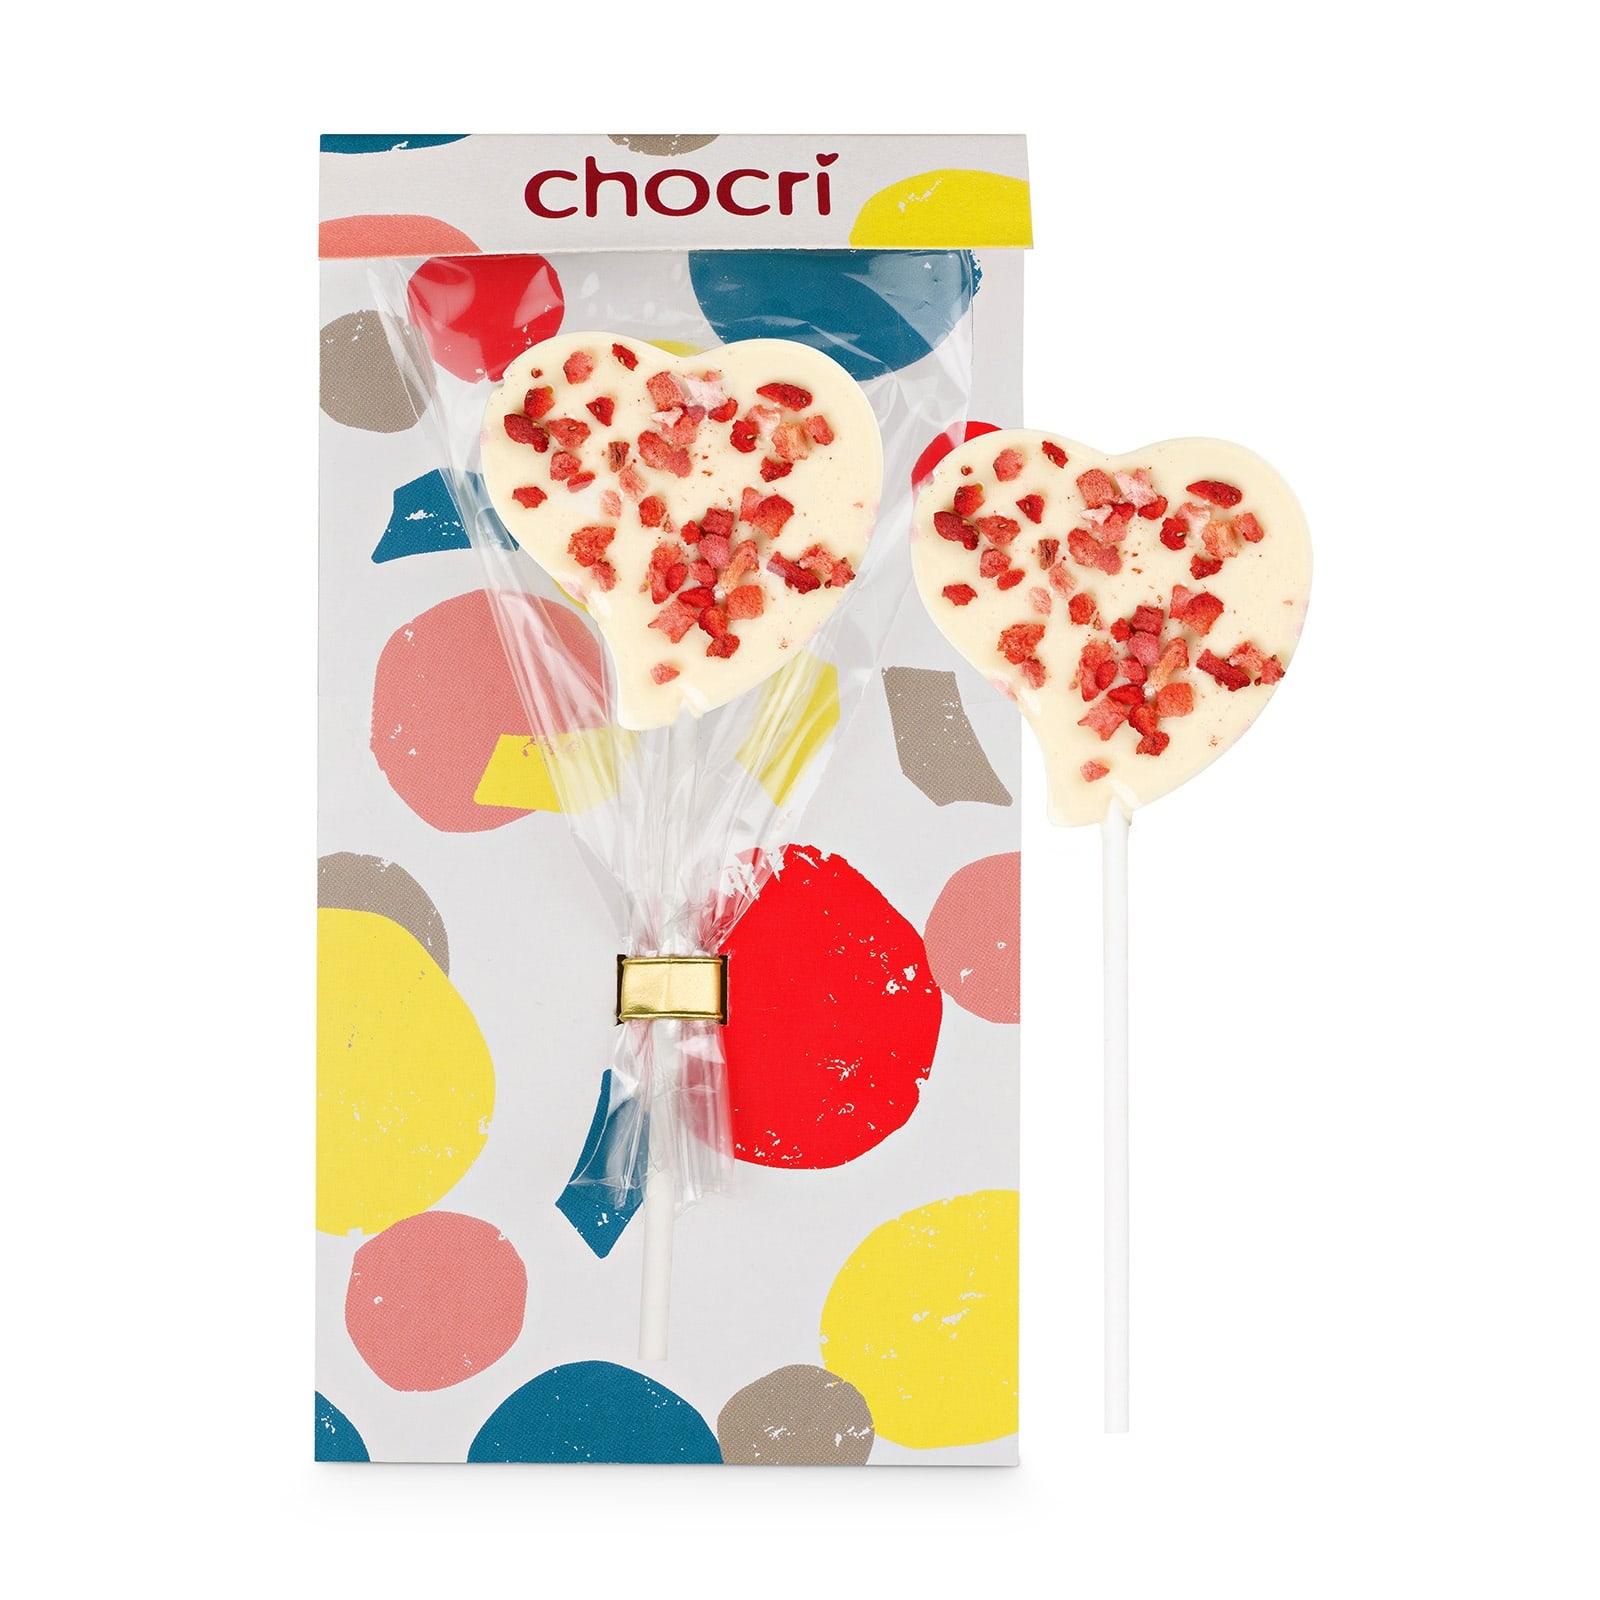 chocri 'Erdbeerliebe' Herz-Schokoladen-Lolly